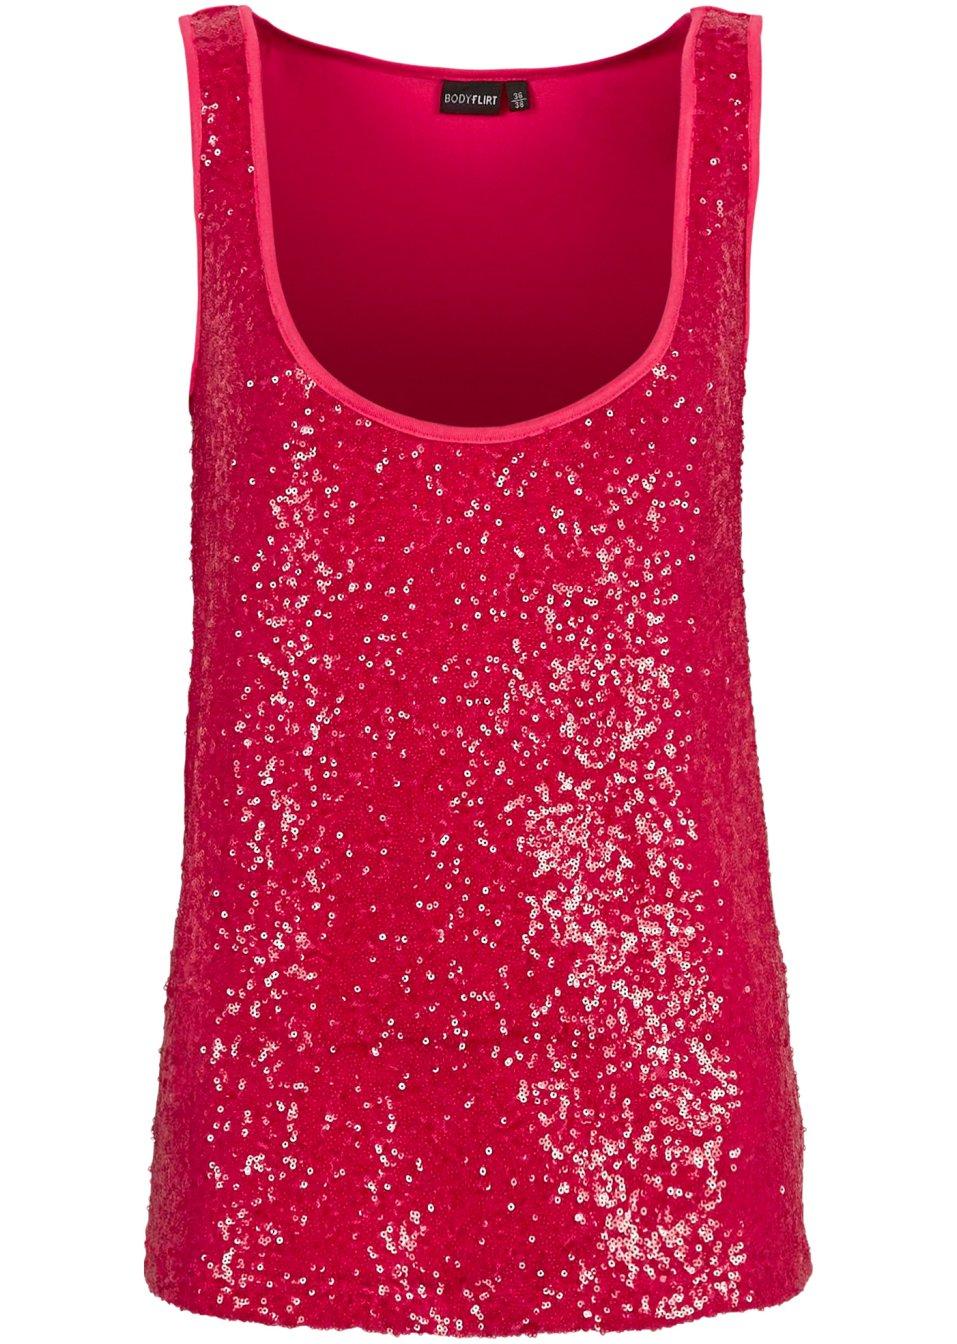 paillettenverziertes top mit rundhalsausschnitt pink. Black Bedroom Furniture Sets. Home Design Ideas